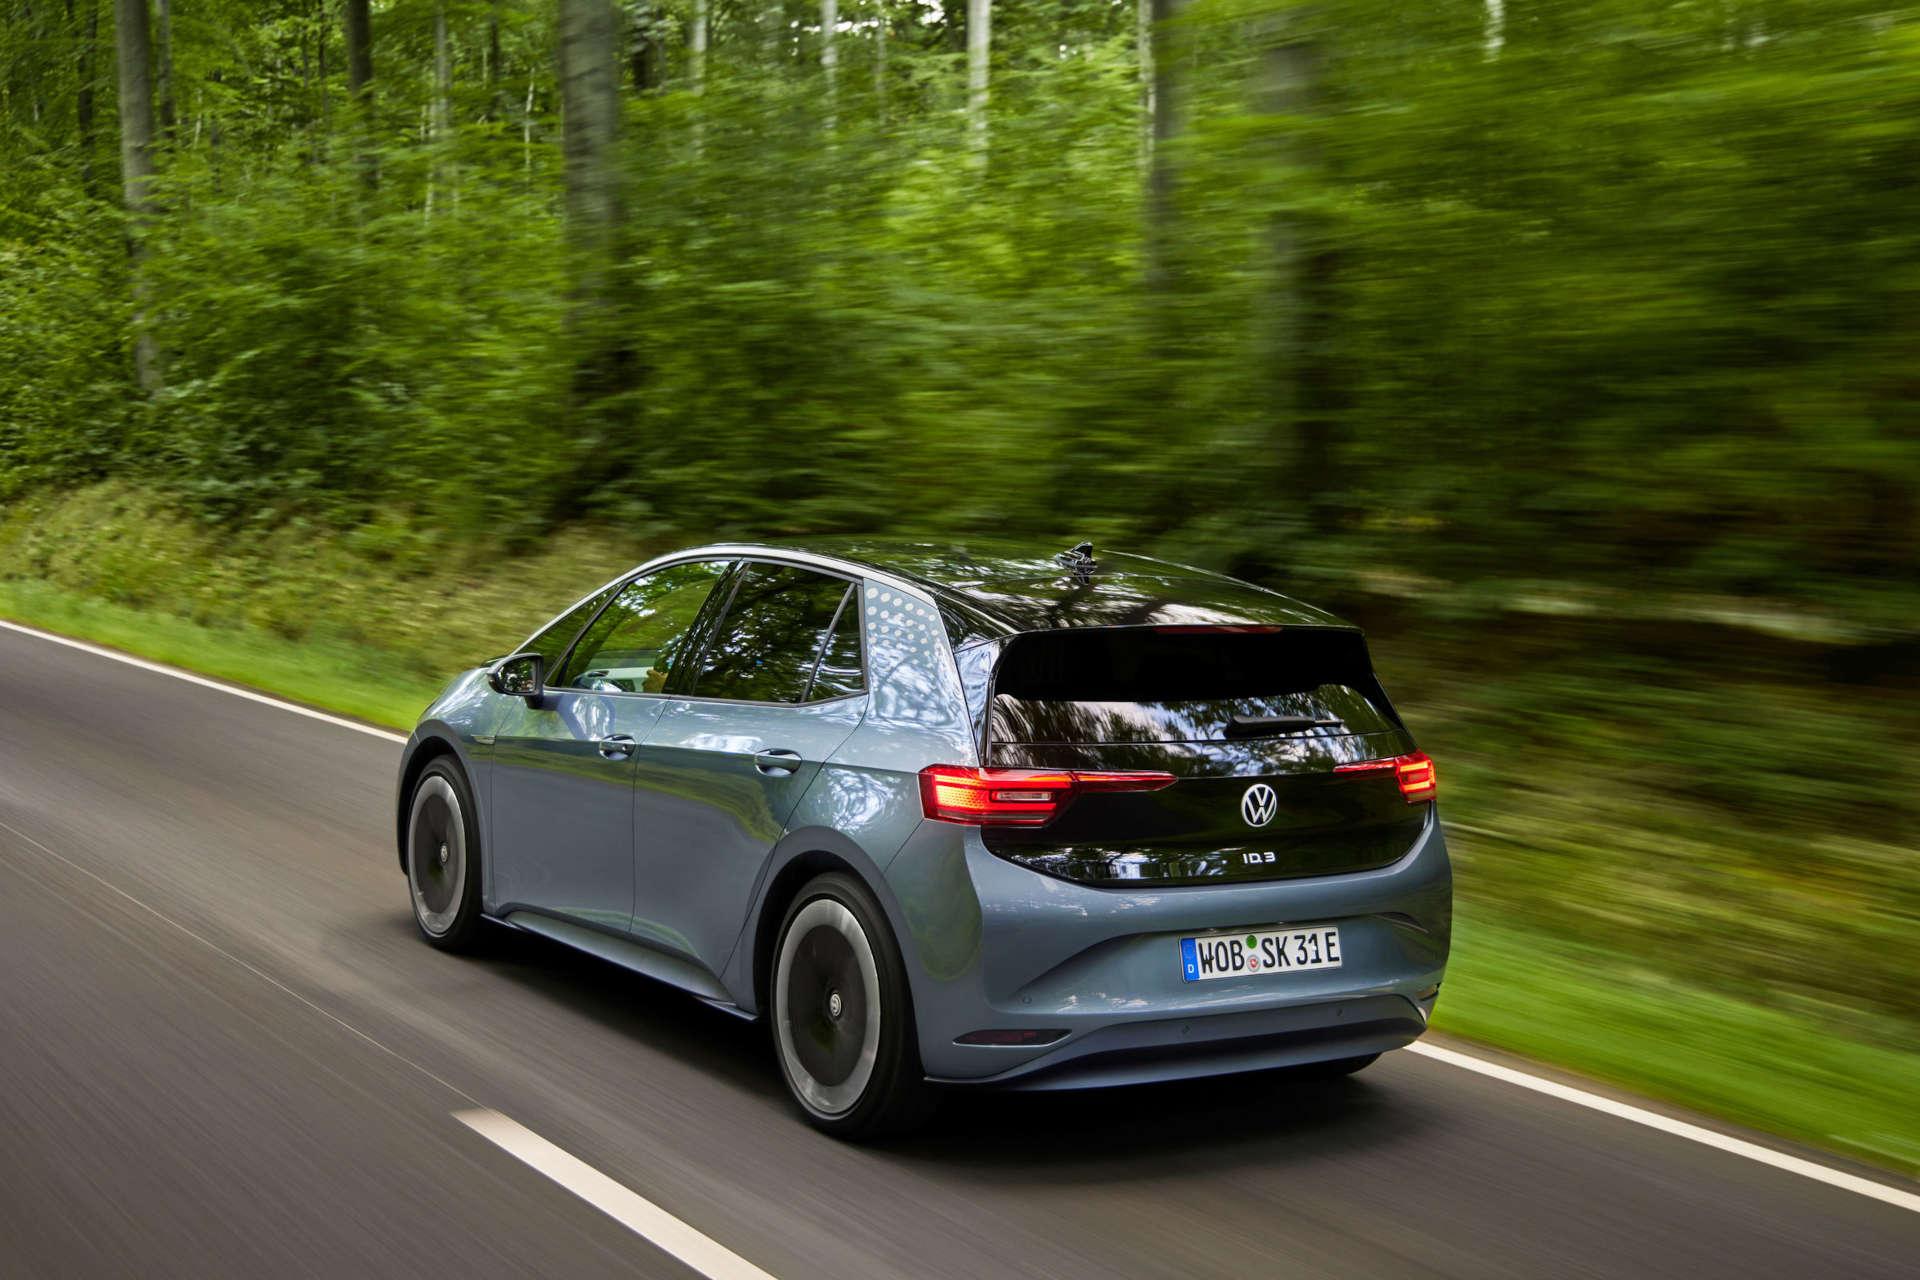 Silberner VW ID3 Elektroauto